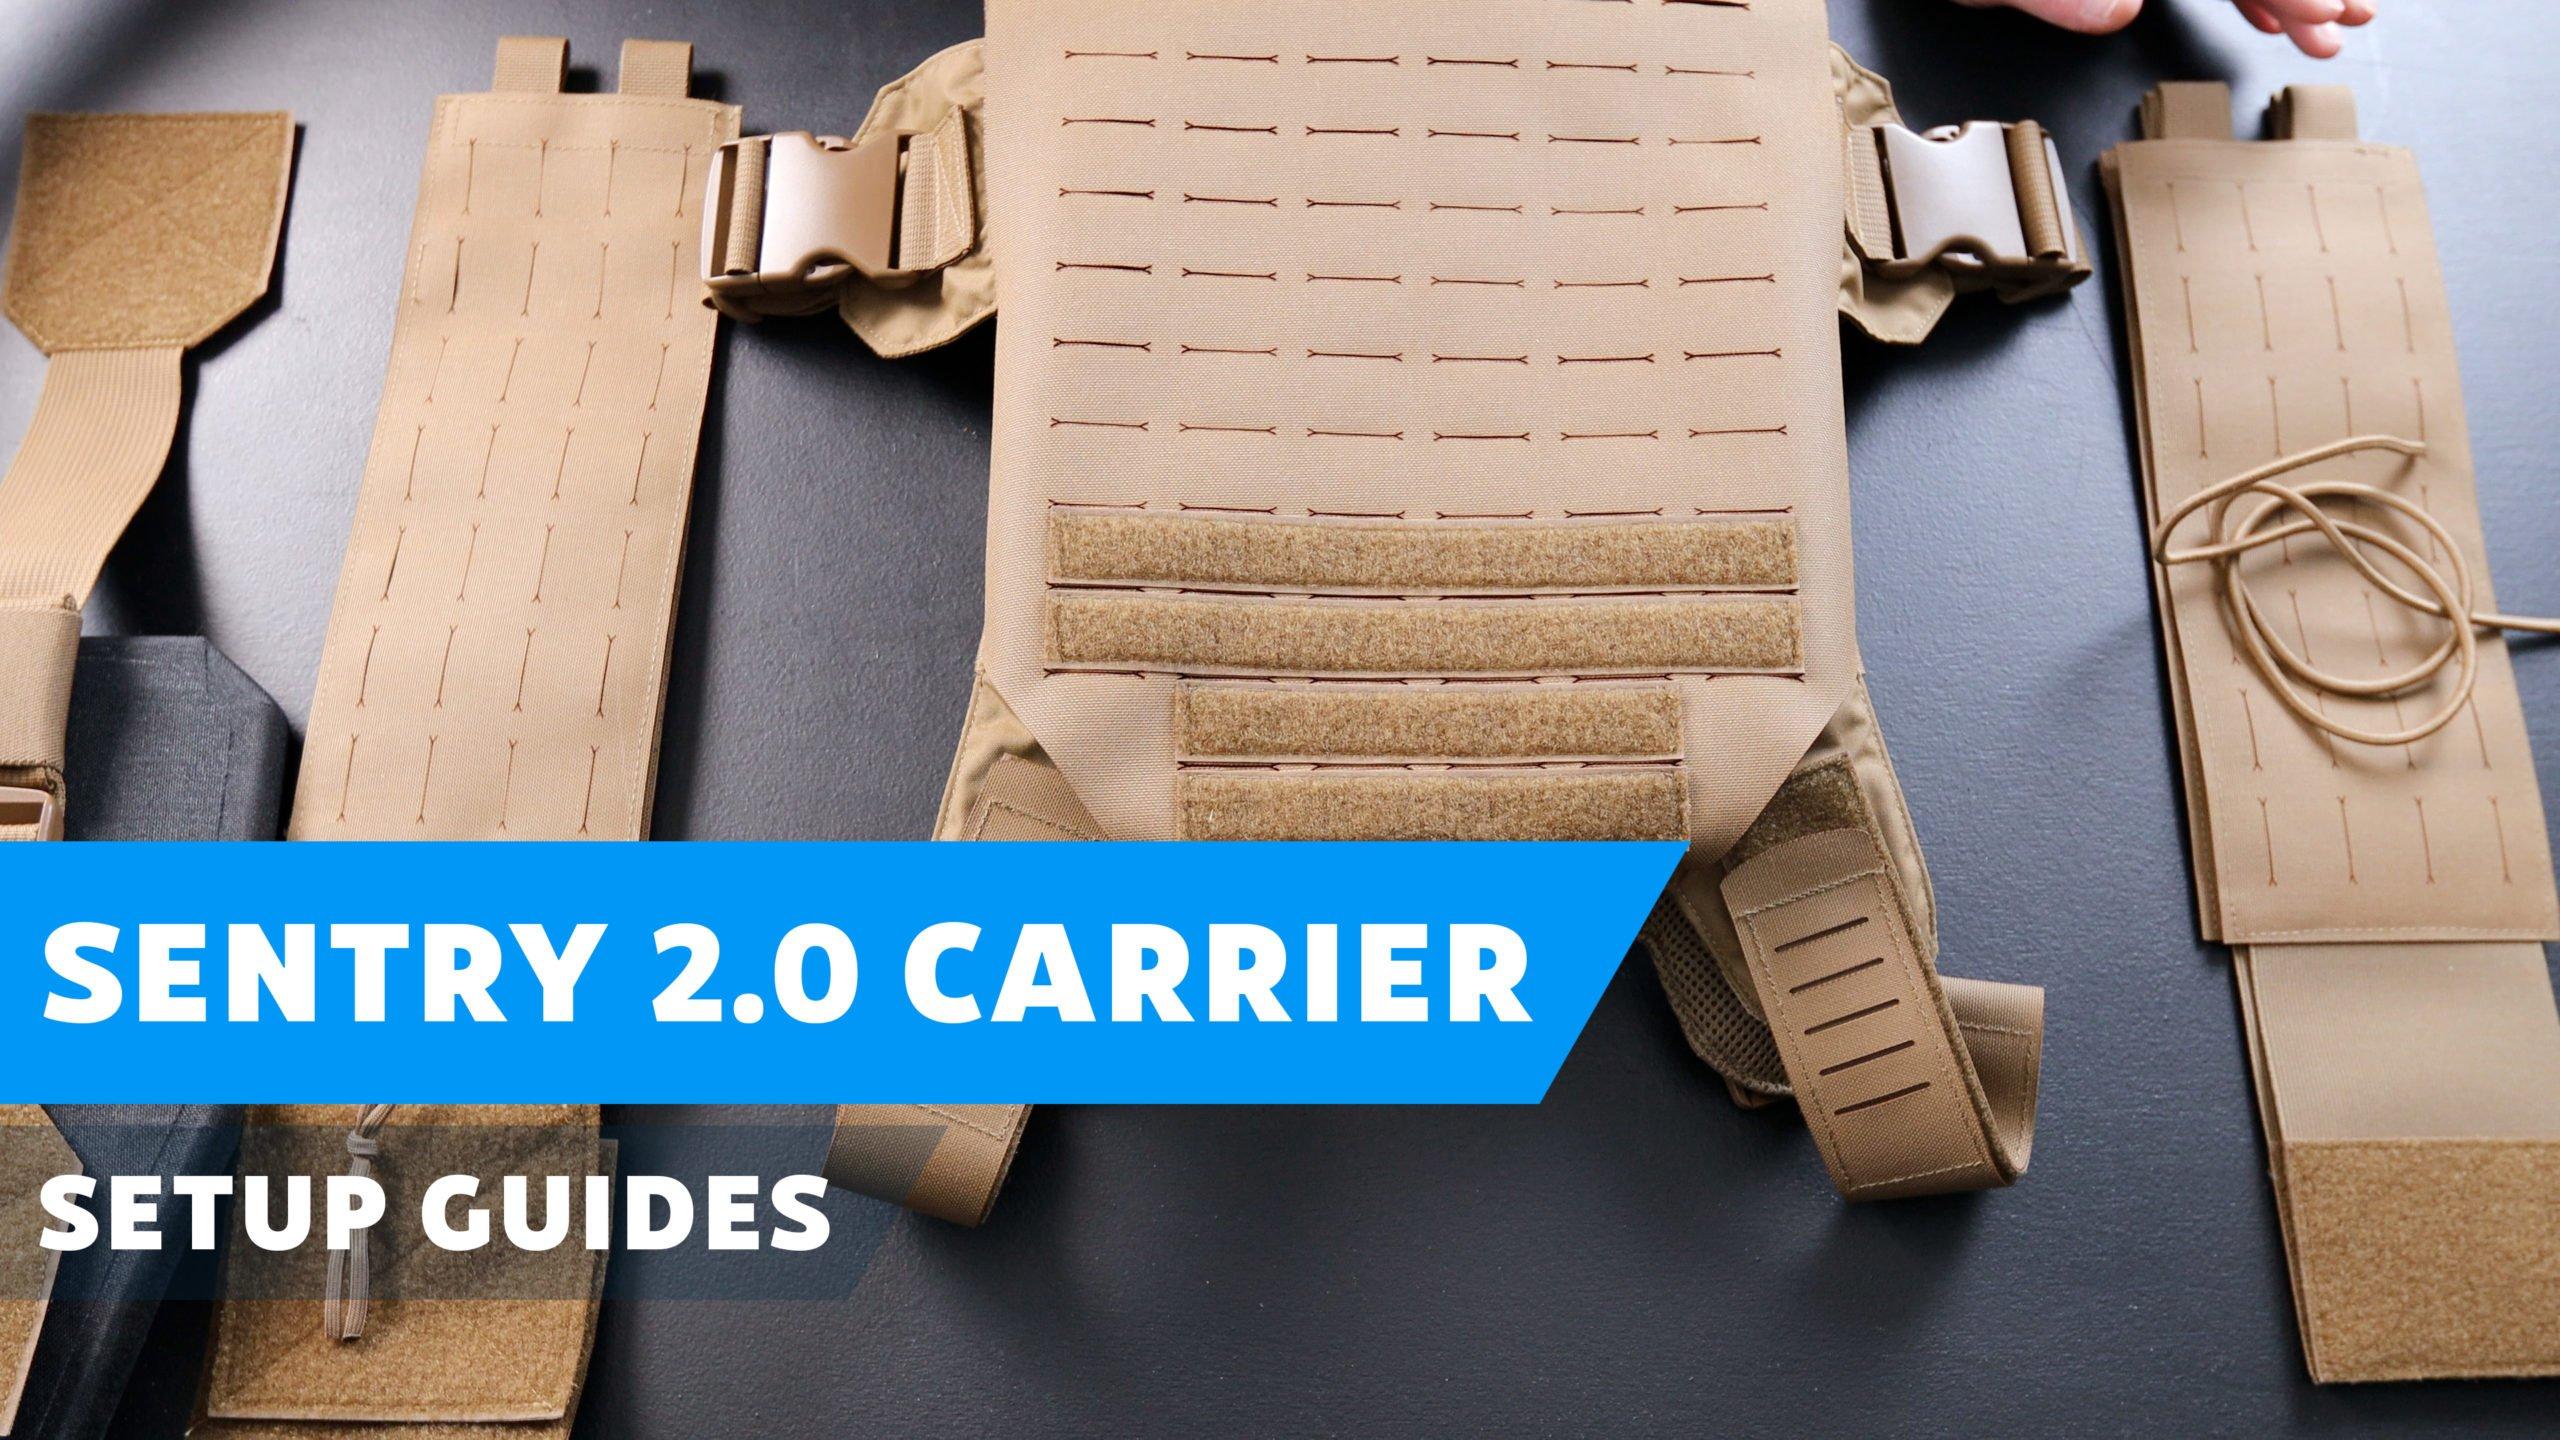 Sentry 2.0 Laser Carrier Setup Guide